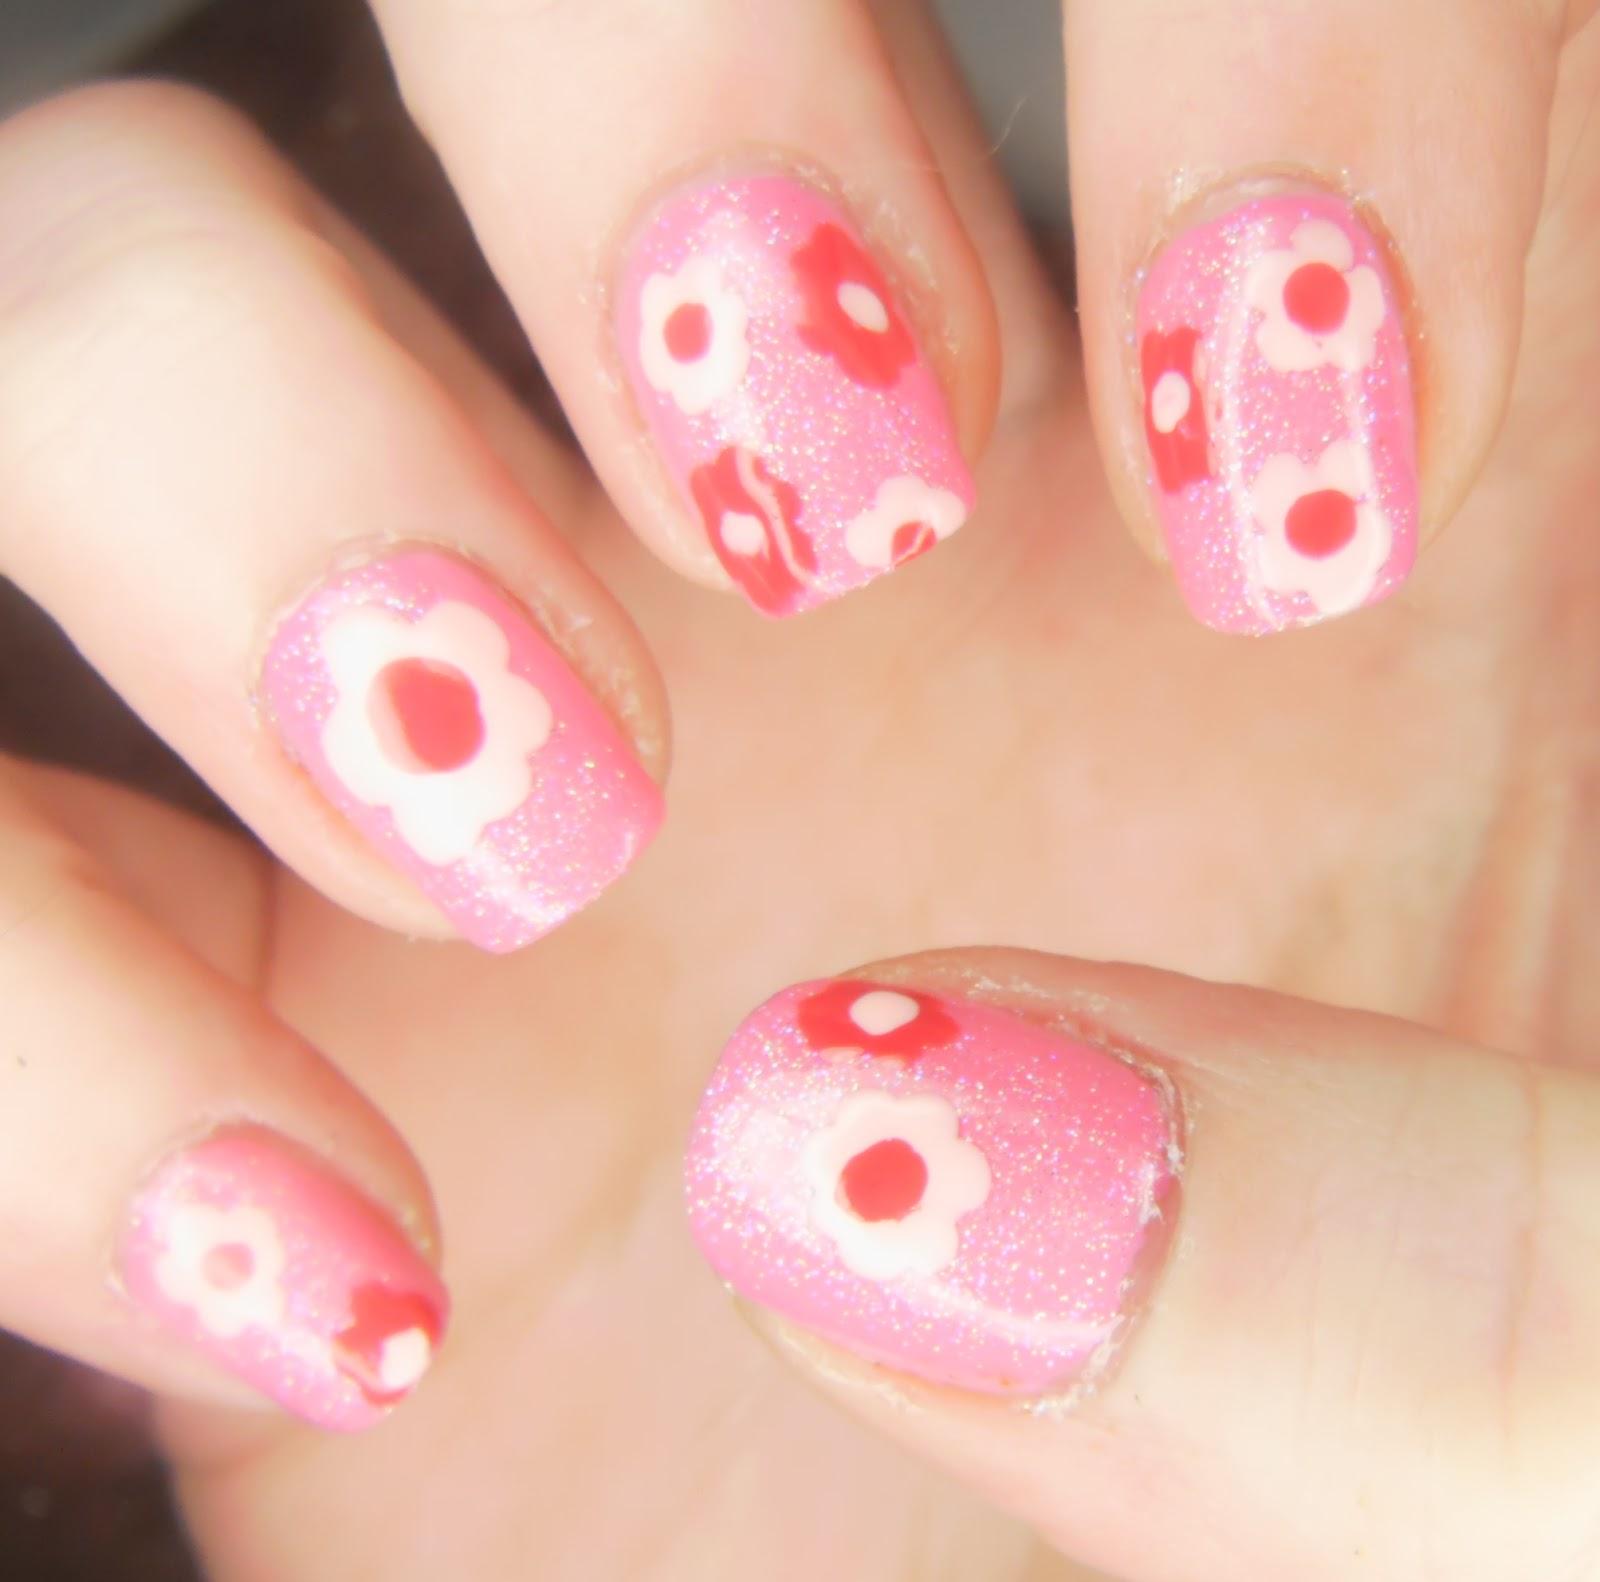 Girly Nail Art: SpecialGirl Nails: Girly Girl Nail Art Challenge: Think Pink